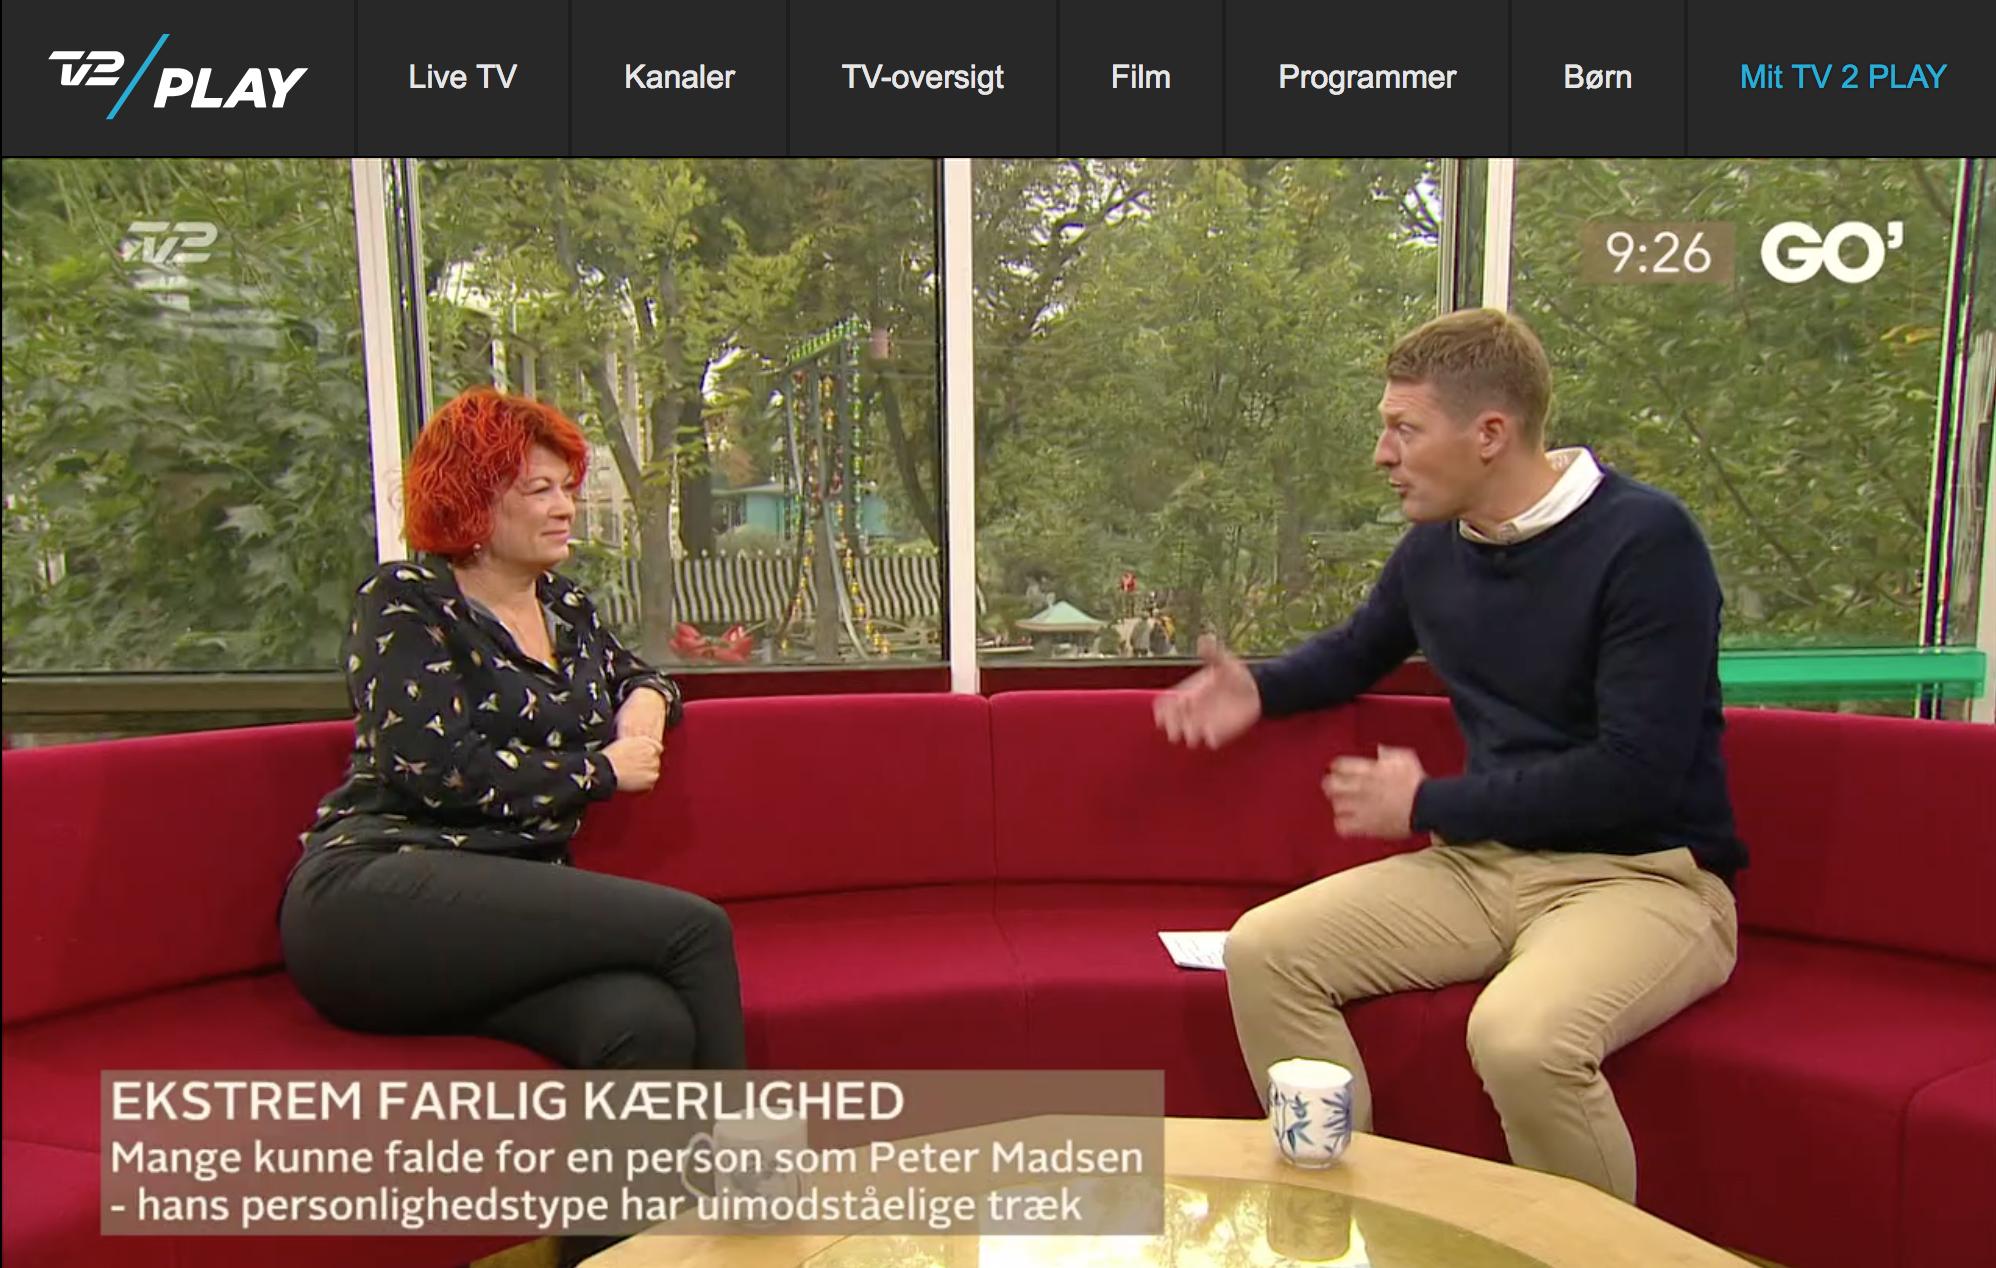 Berith Siegumfeldt - Tv Go morgen Danmark